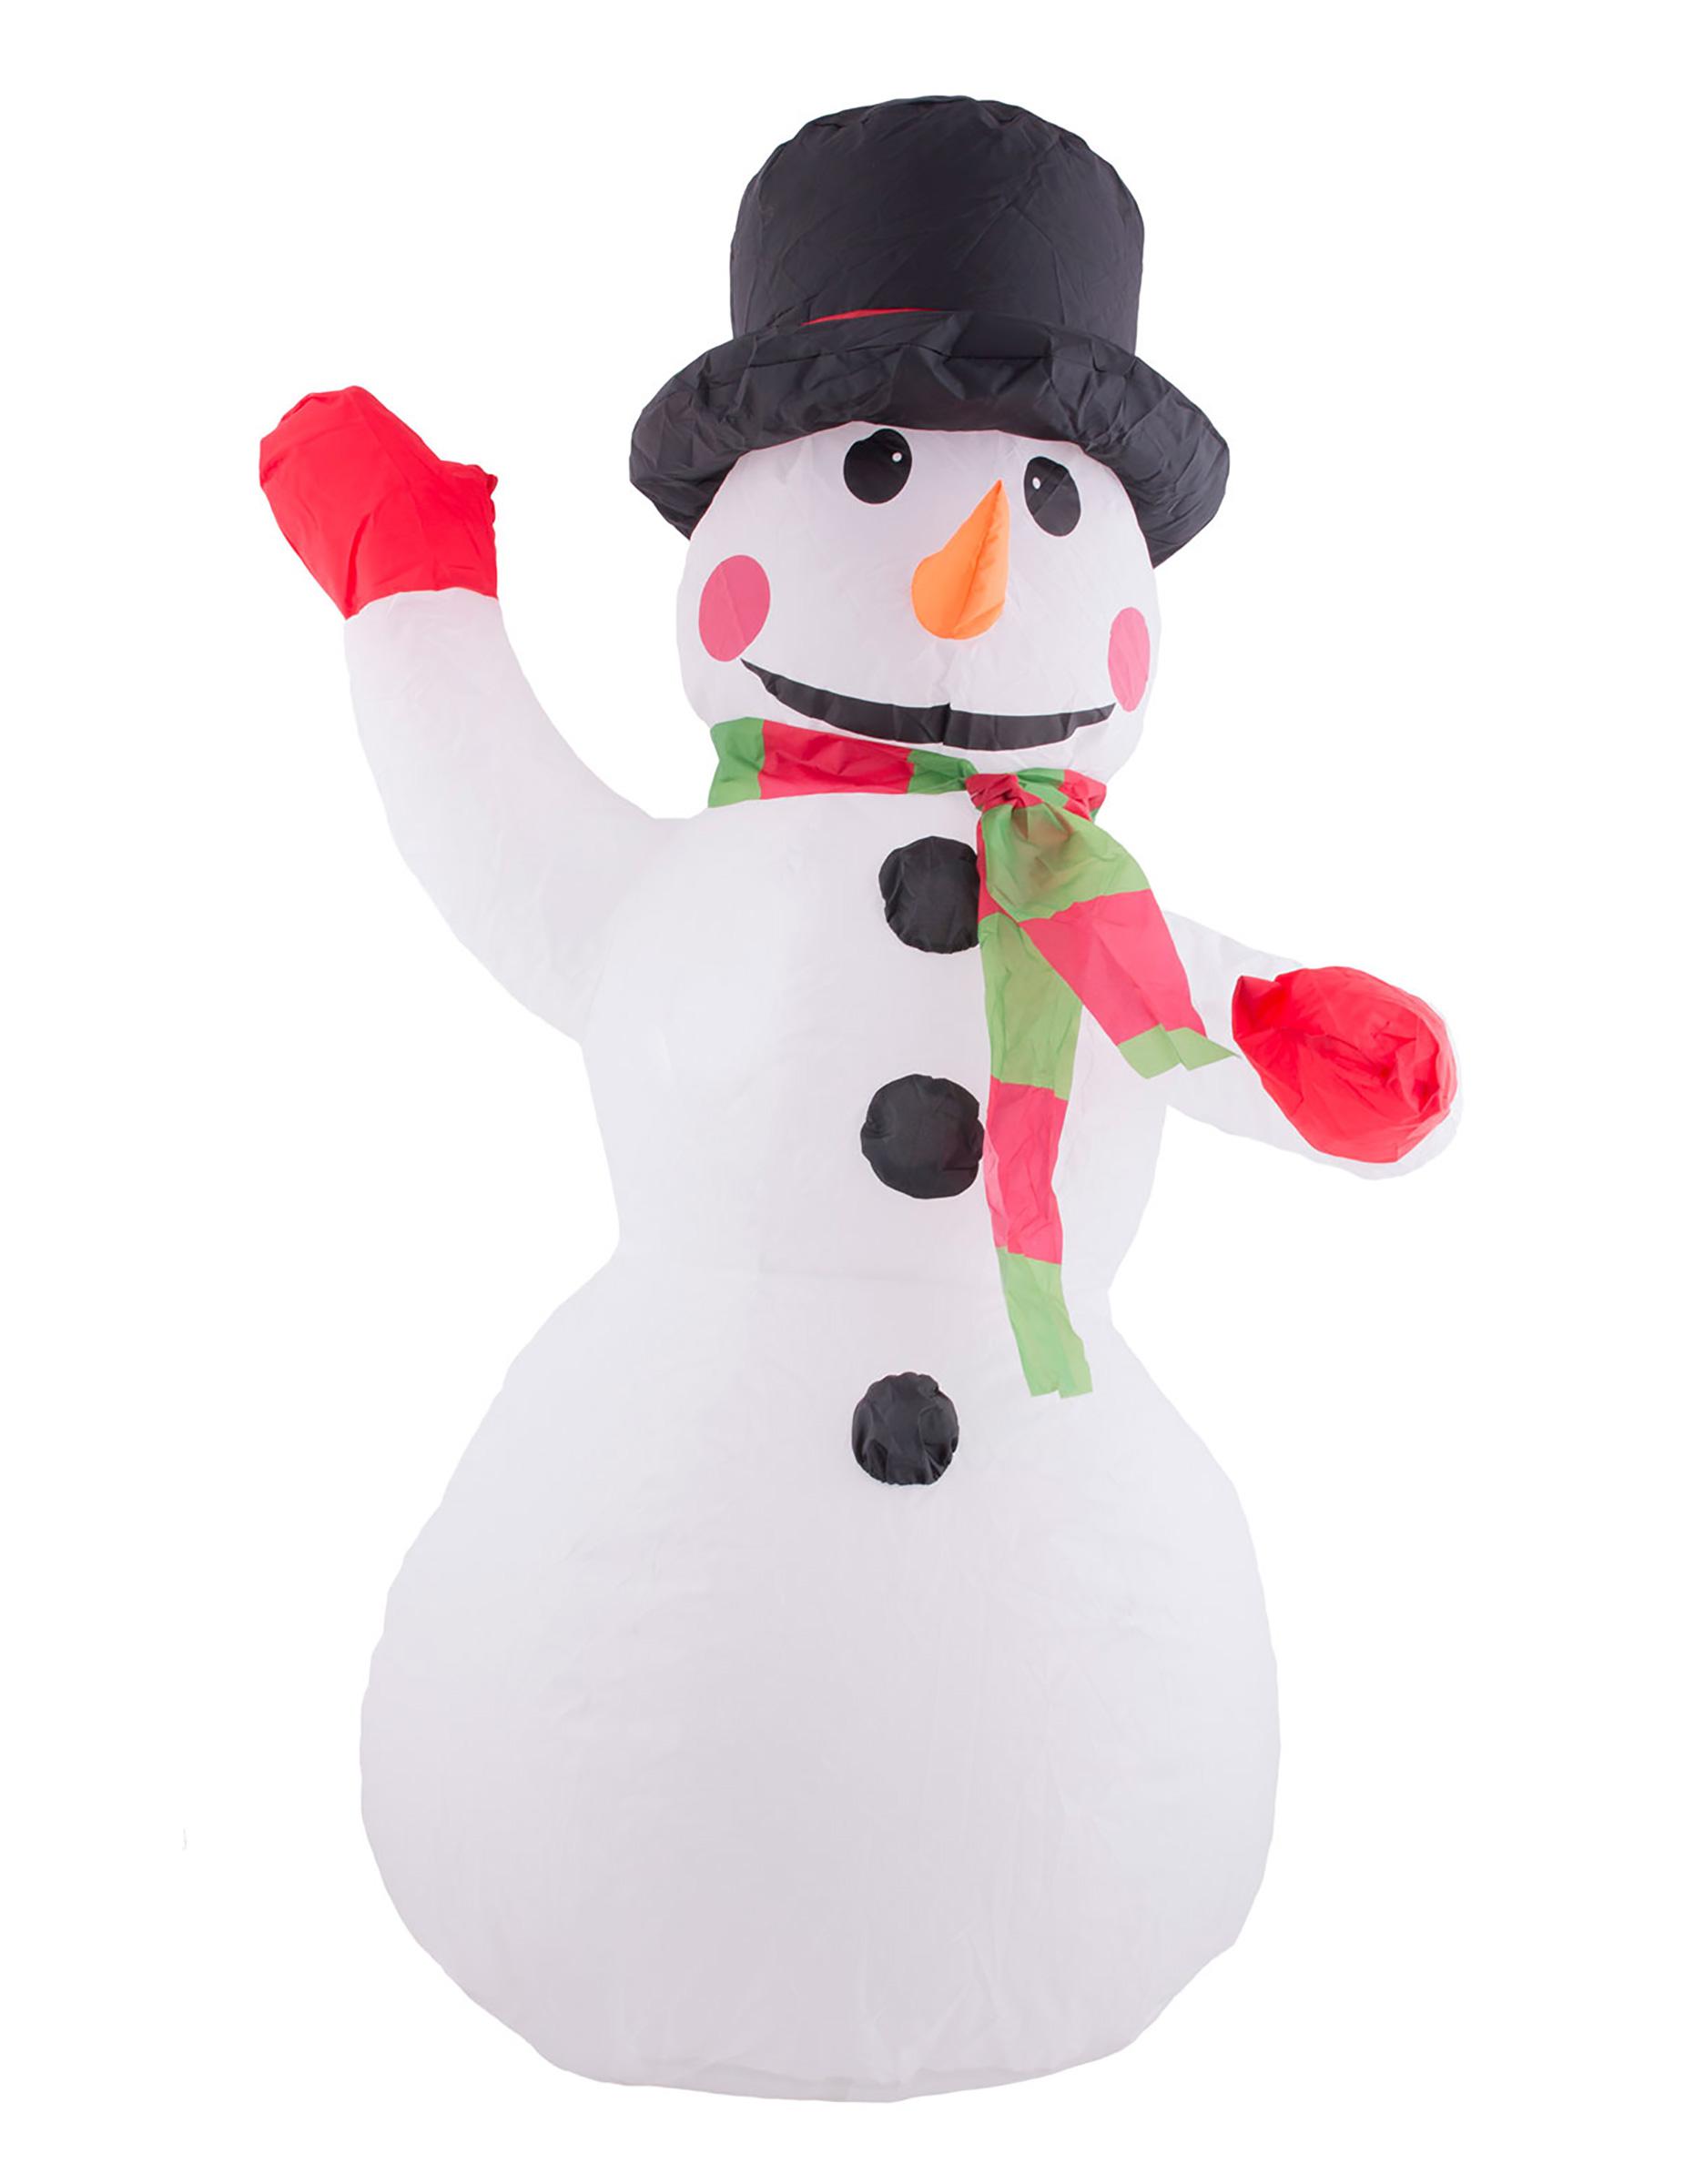 Decorazioni Natalizie Gonfiabili.Decorazione Di Natale Pupazzo Di Neve Gonfiabile E Luminoso Addobbi